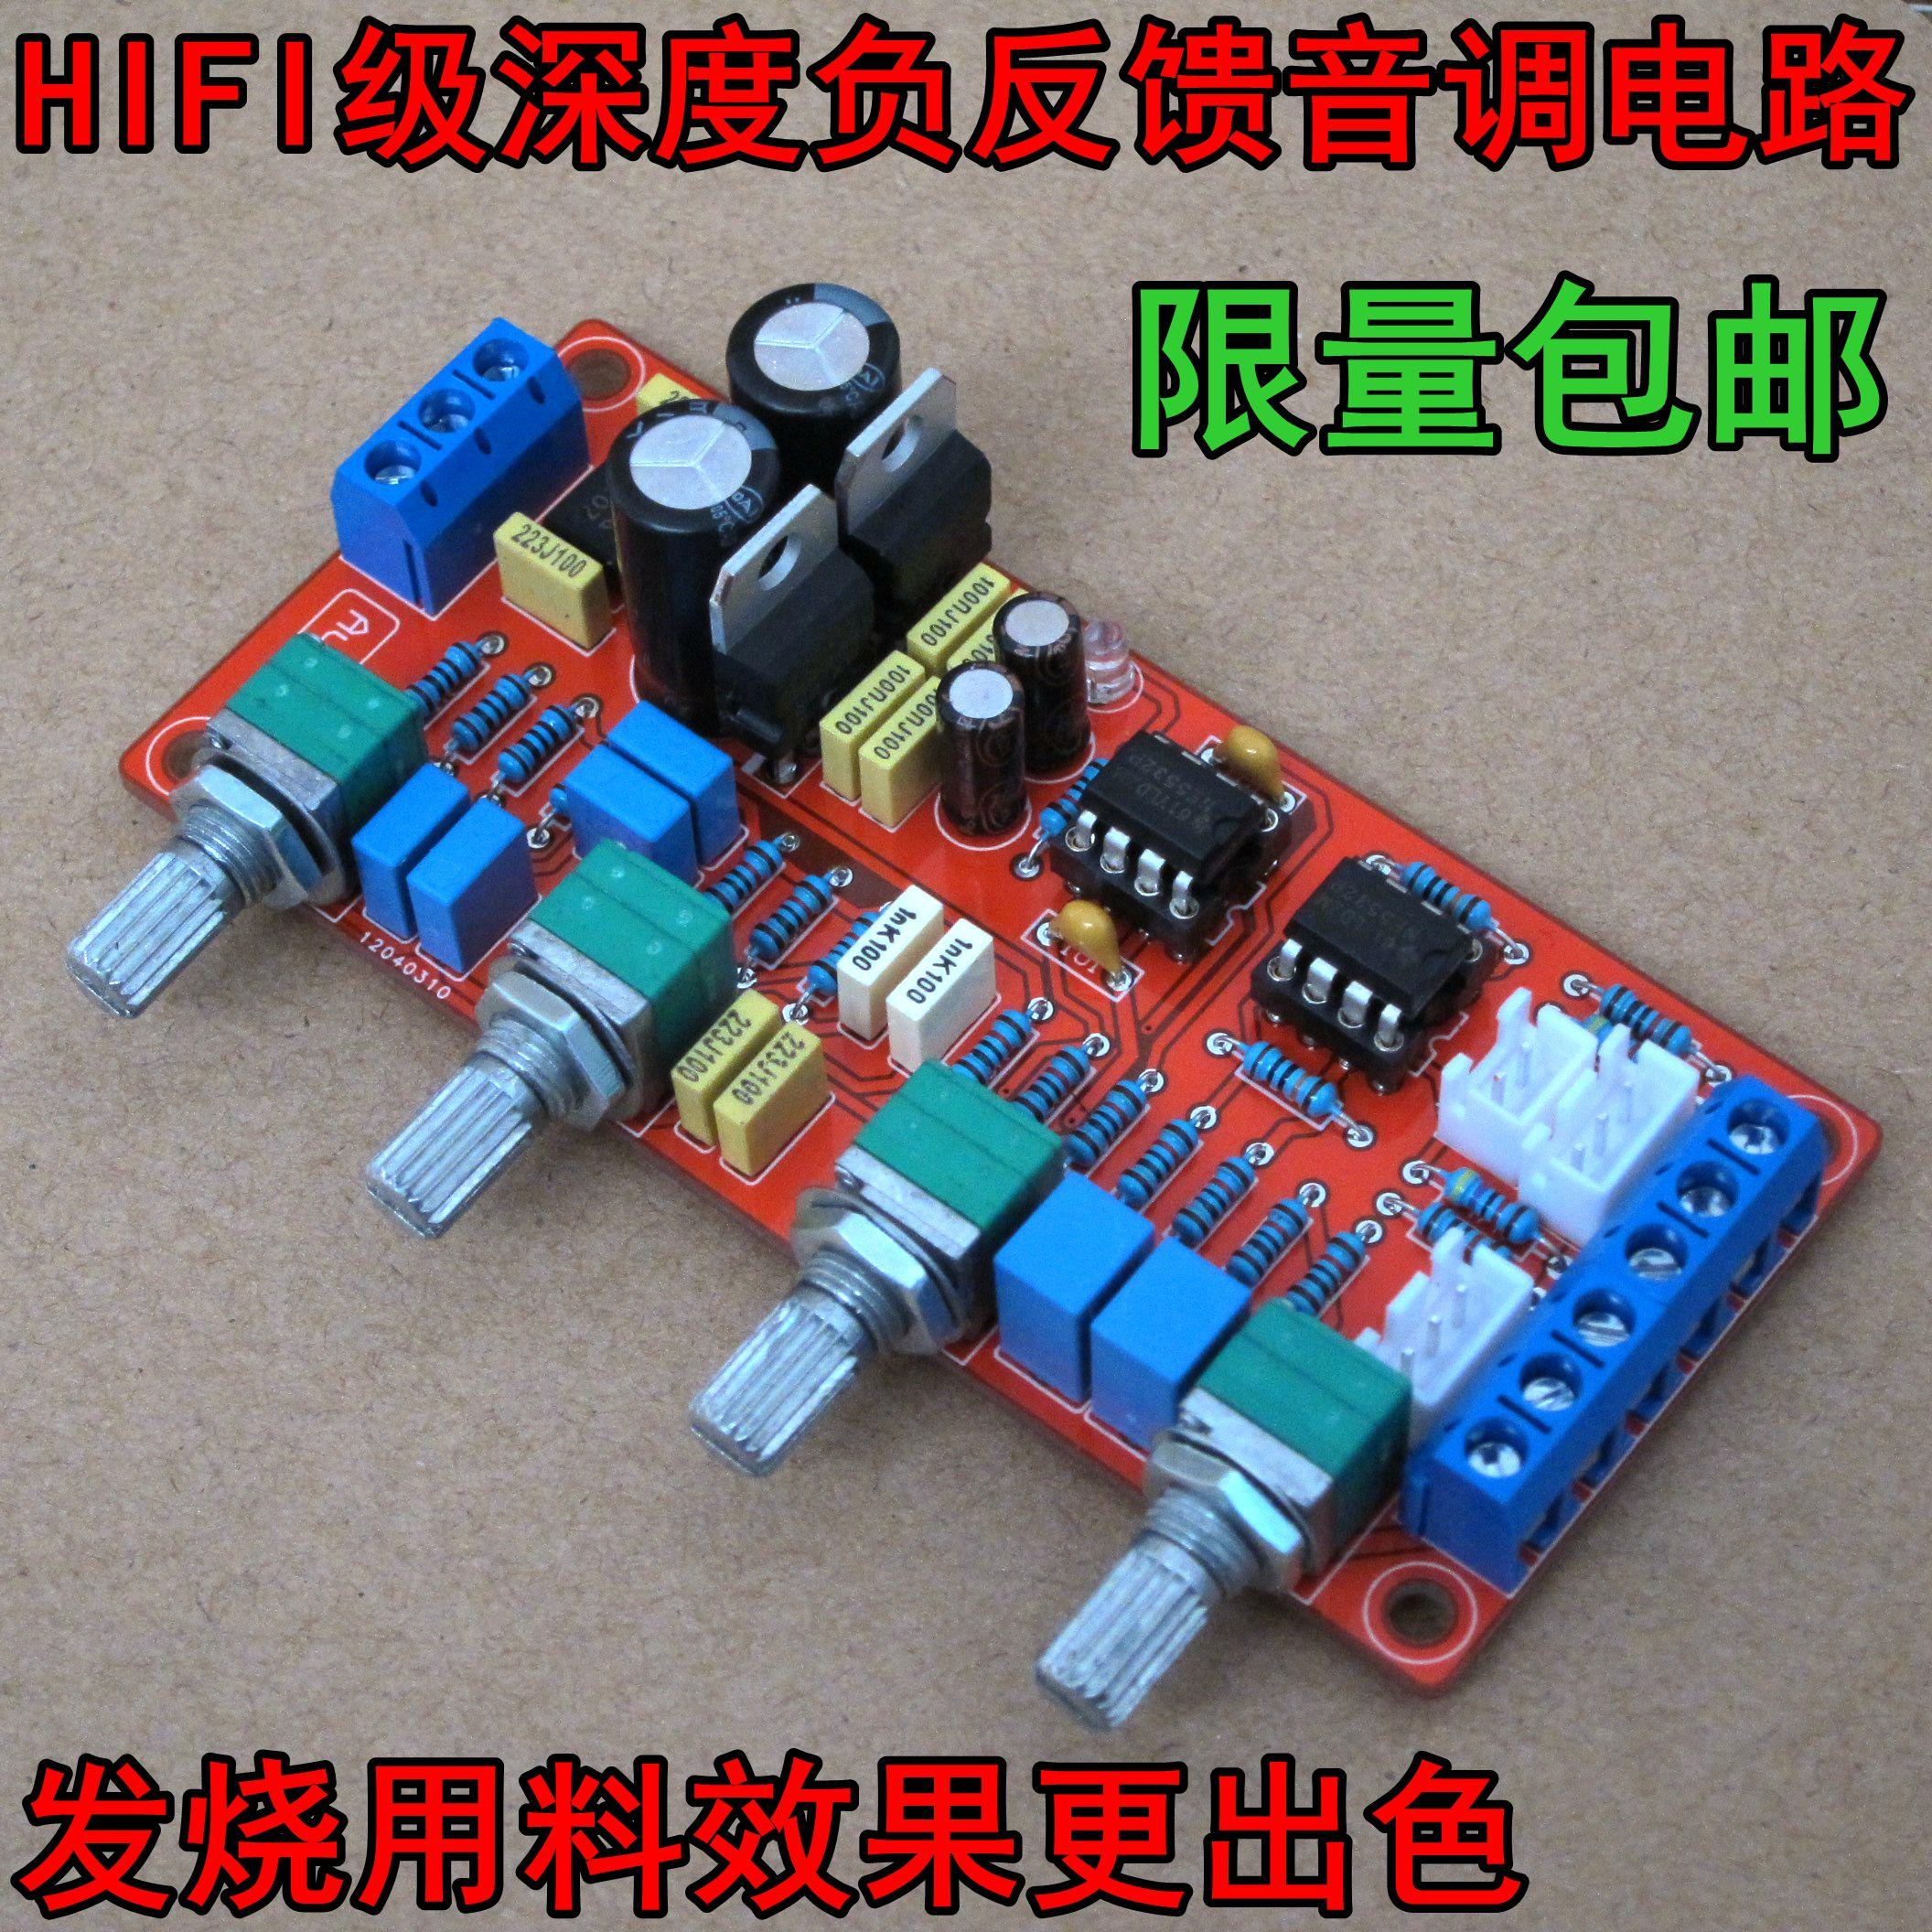 Высокий верность HIFI назад уровень звук настроить доска NE5532 транспорт релиз лихорадка передний доска совместимый OPA2604 AD827 подожди